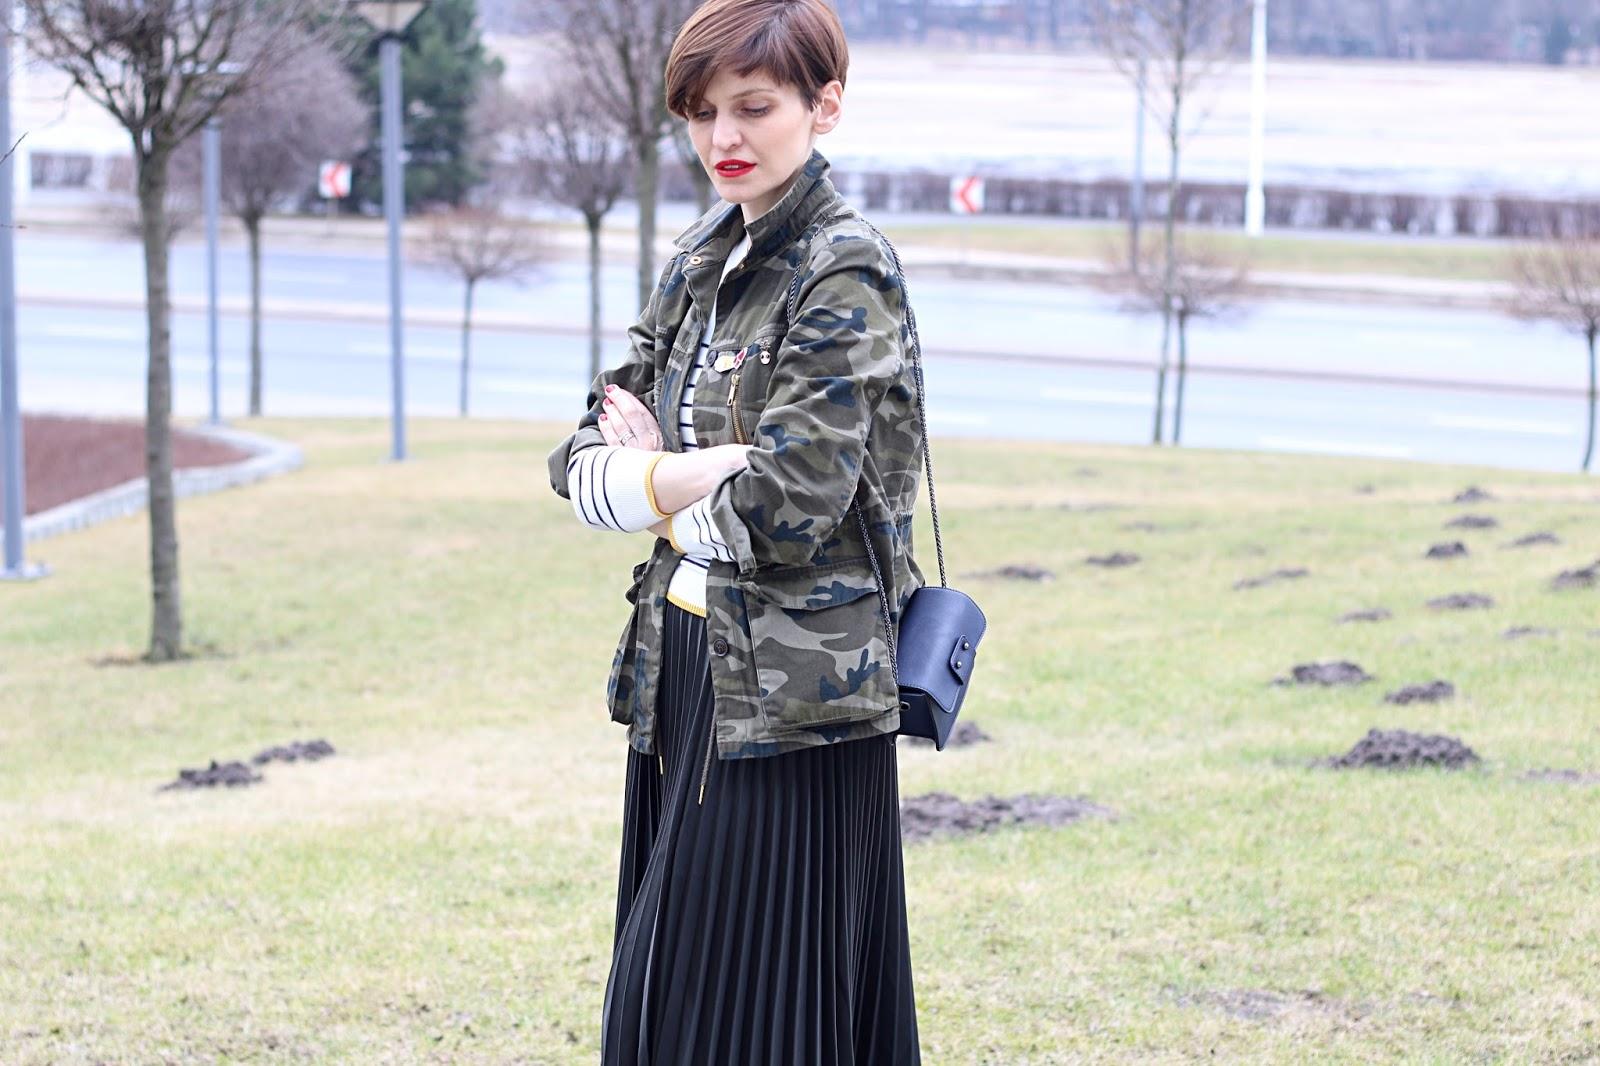 Opis na potrzeby wyszukiwania moro, plisy, stylizacja dnia, stylistka, personalshopper, stylistkapoznan, plisowana spódnica, na wiosnę, blog po 30 tce,